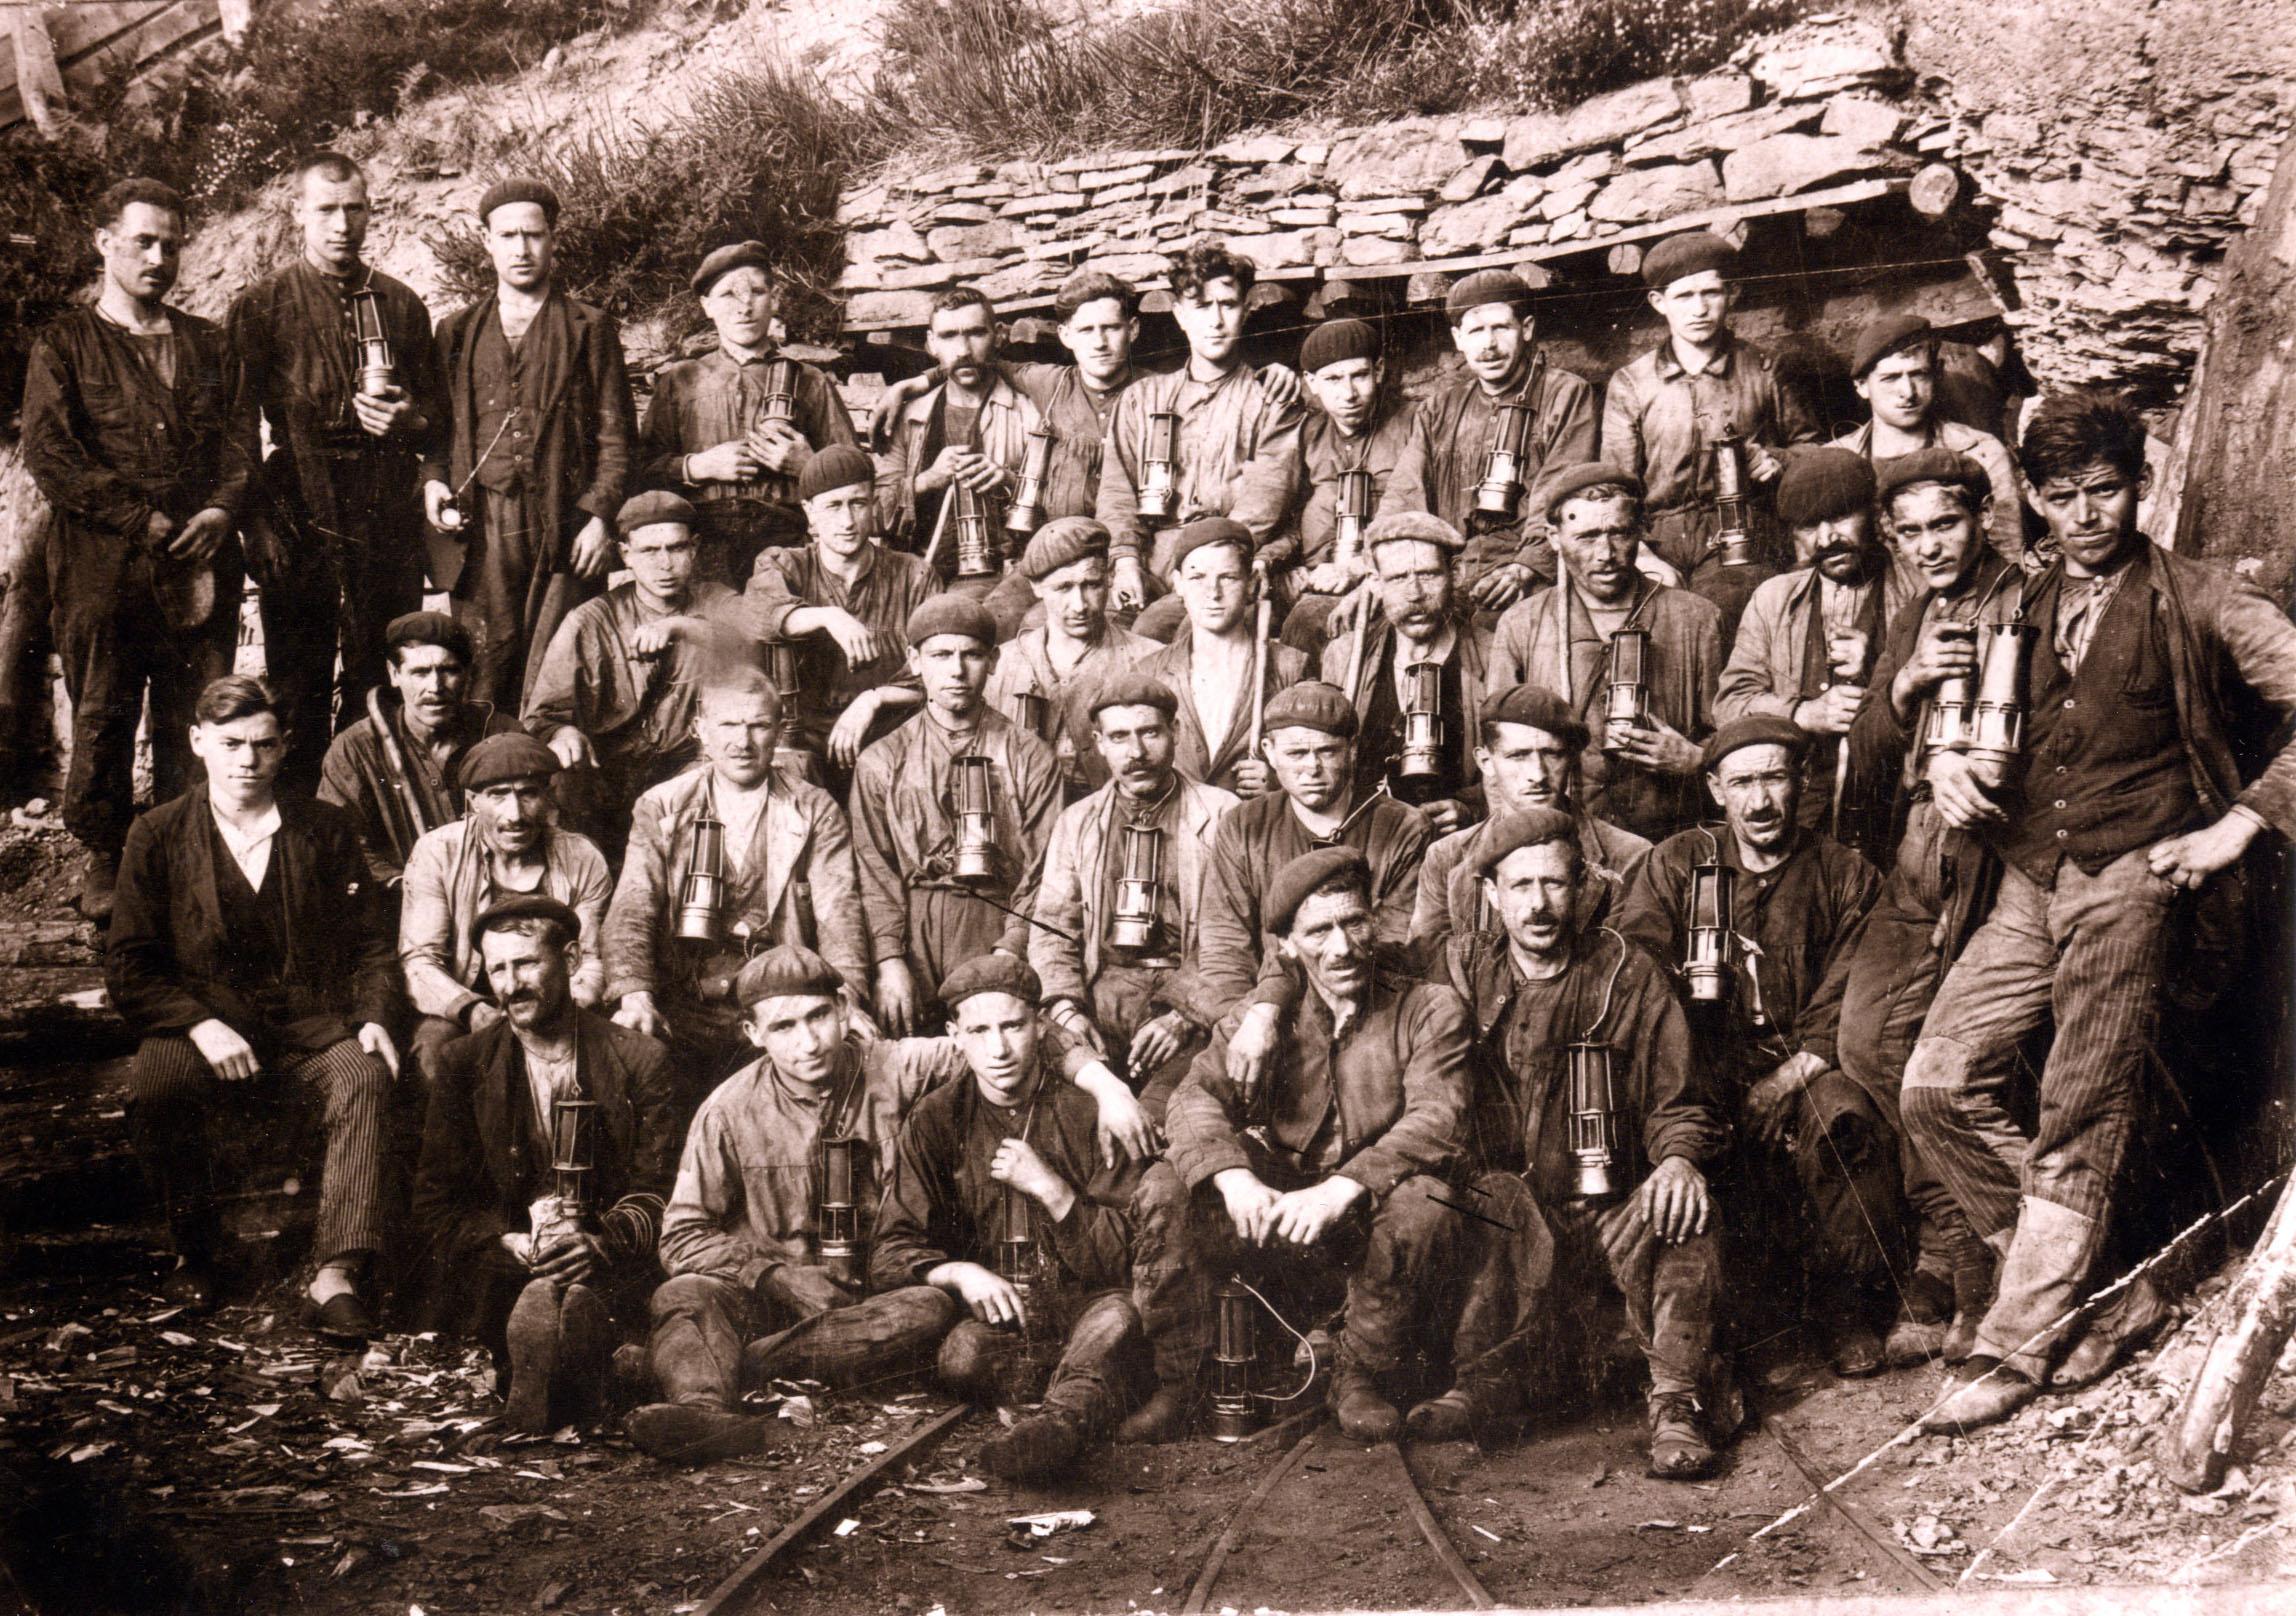 Historia del grupo Montepío: Grupo minero